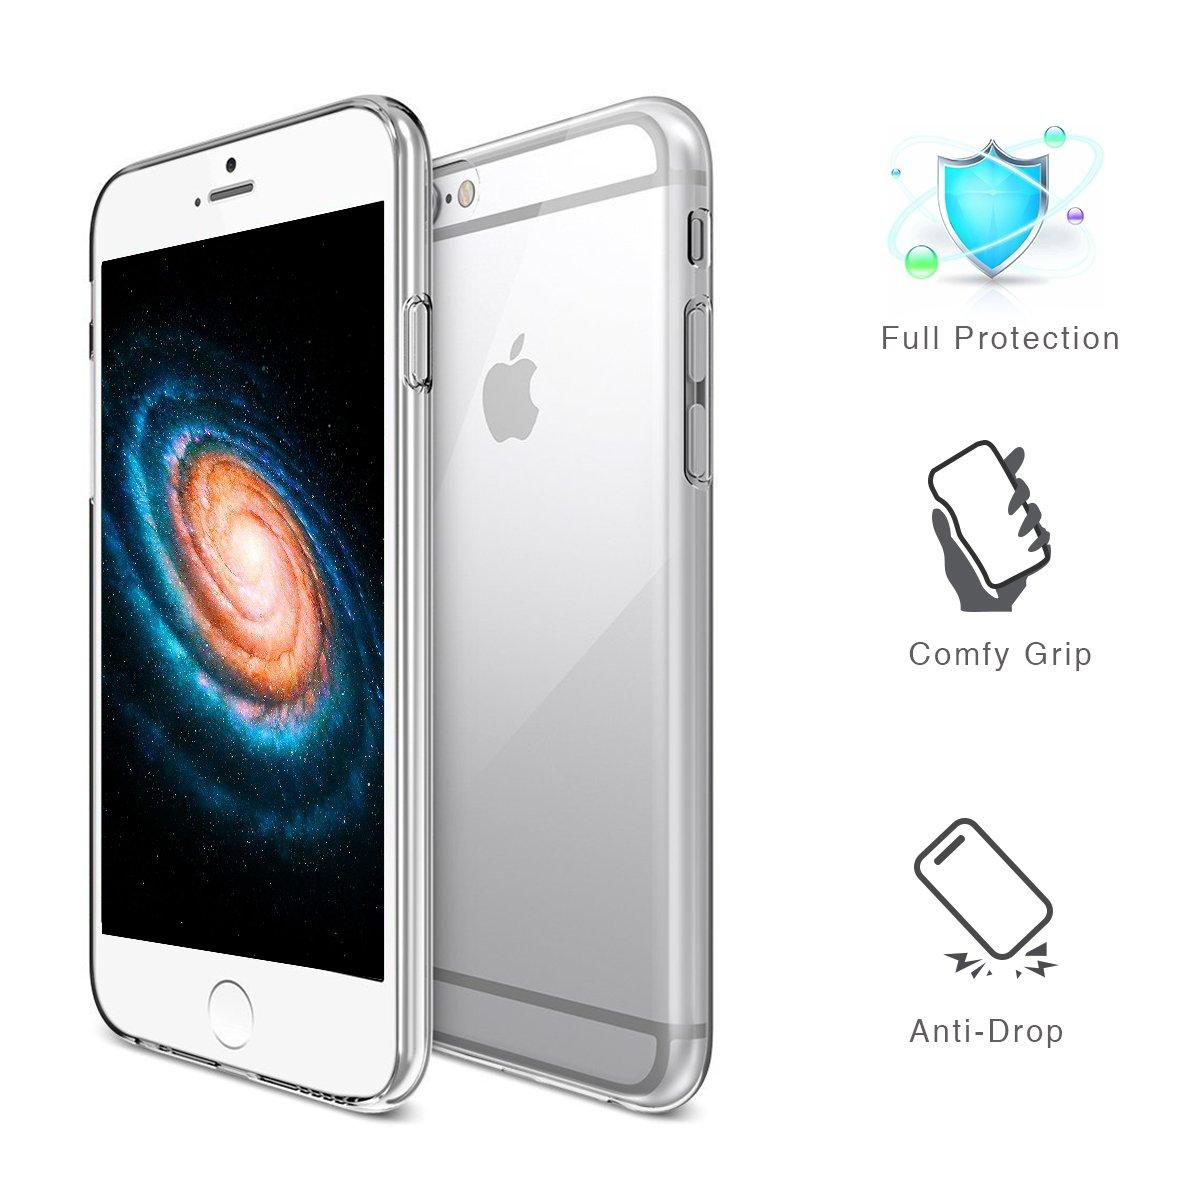 Handy-zubehör Handys & Kommunikation Fast Deliver Mumbi Schutzhülle Für Apple Iphone 6 6s Plus Hülle Case Cover Grip Tasche Schutz